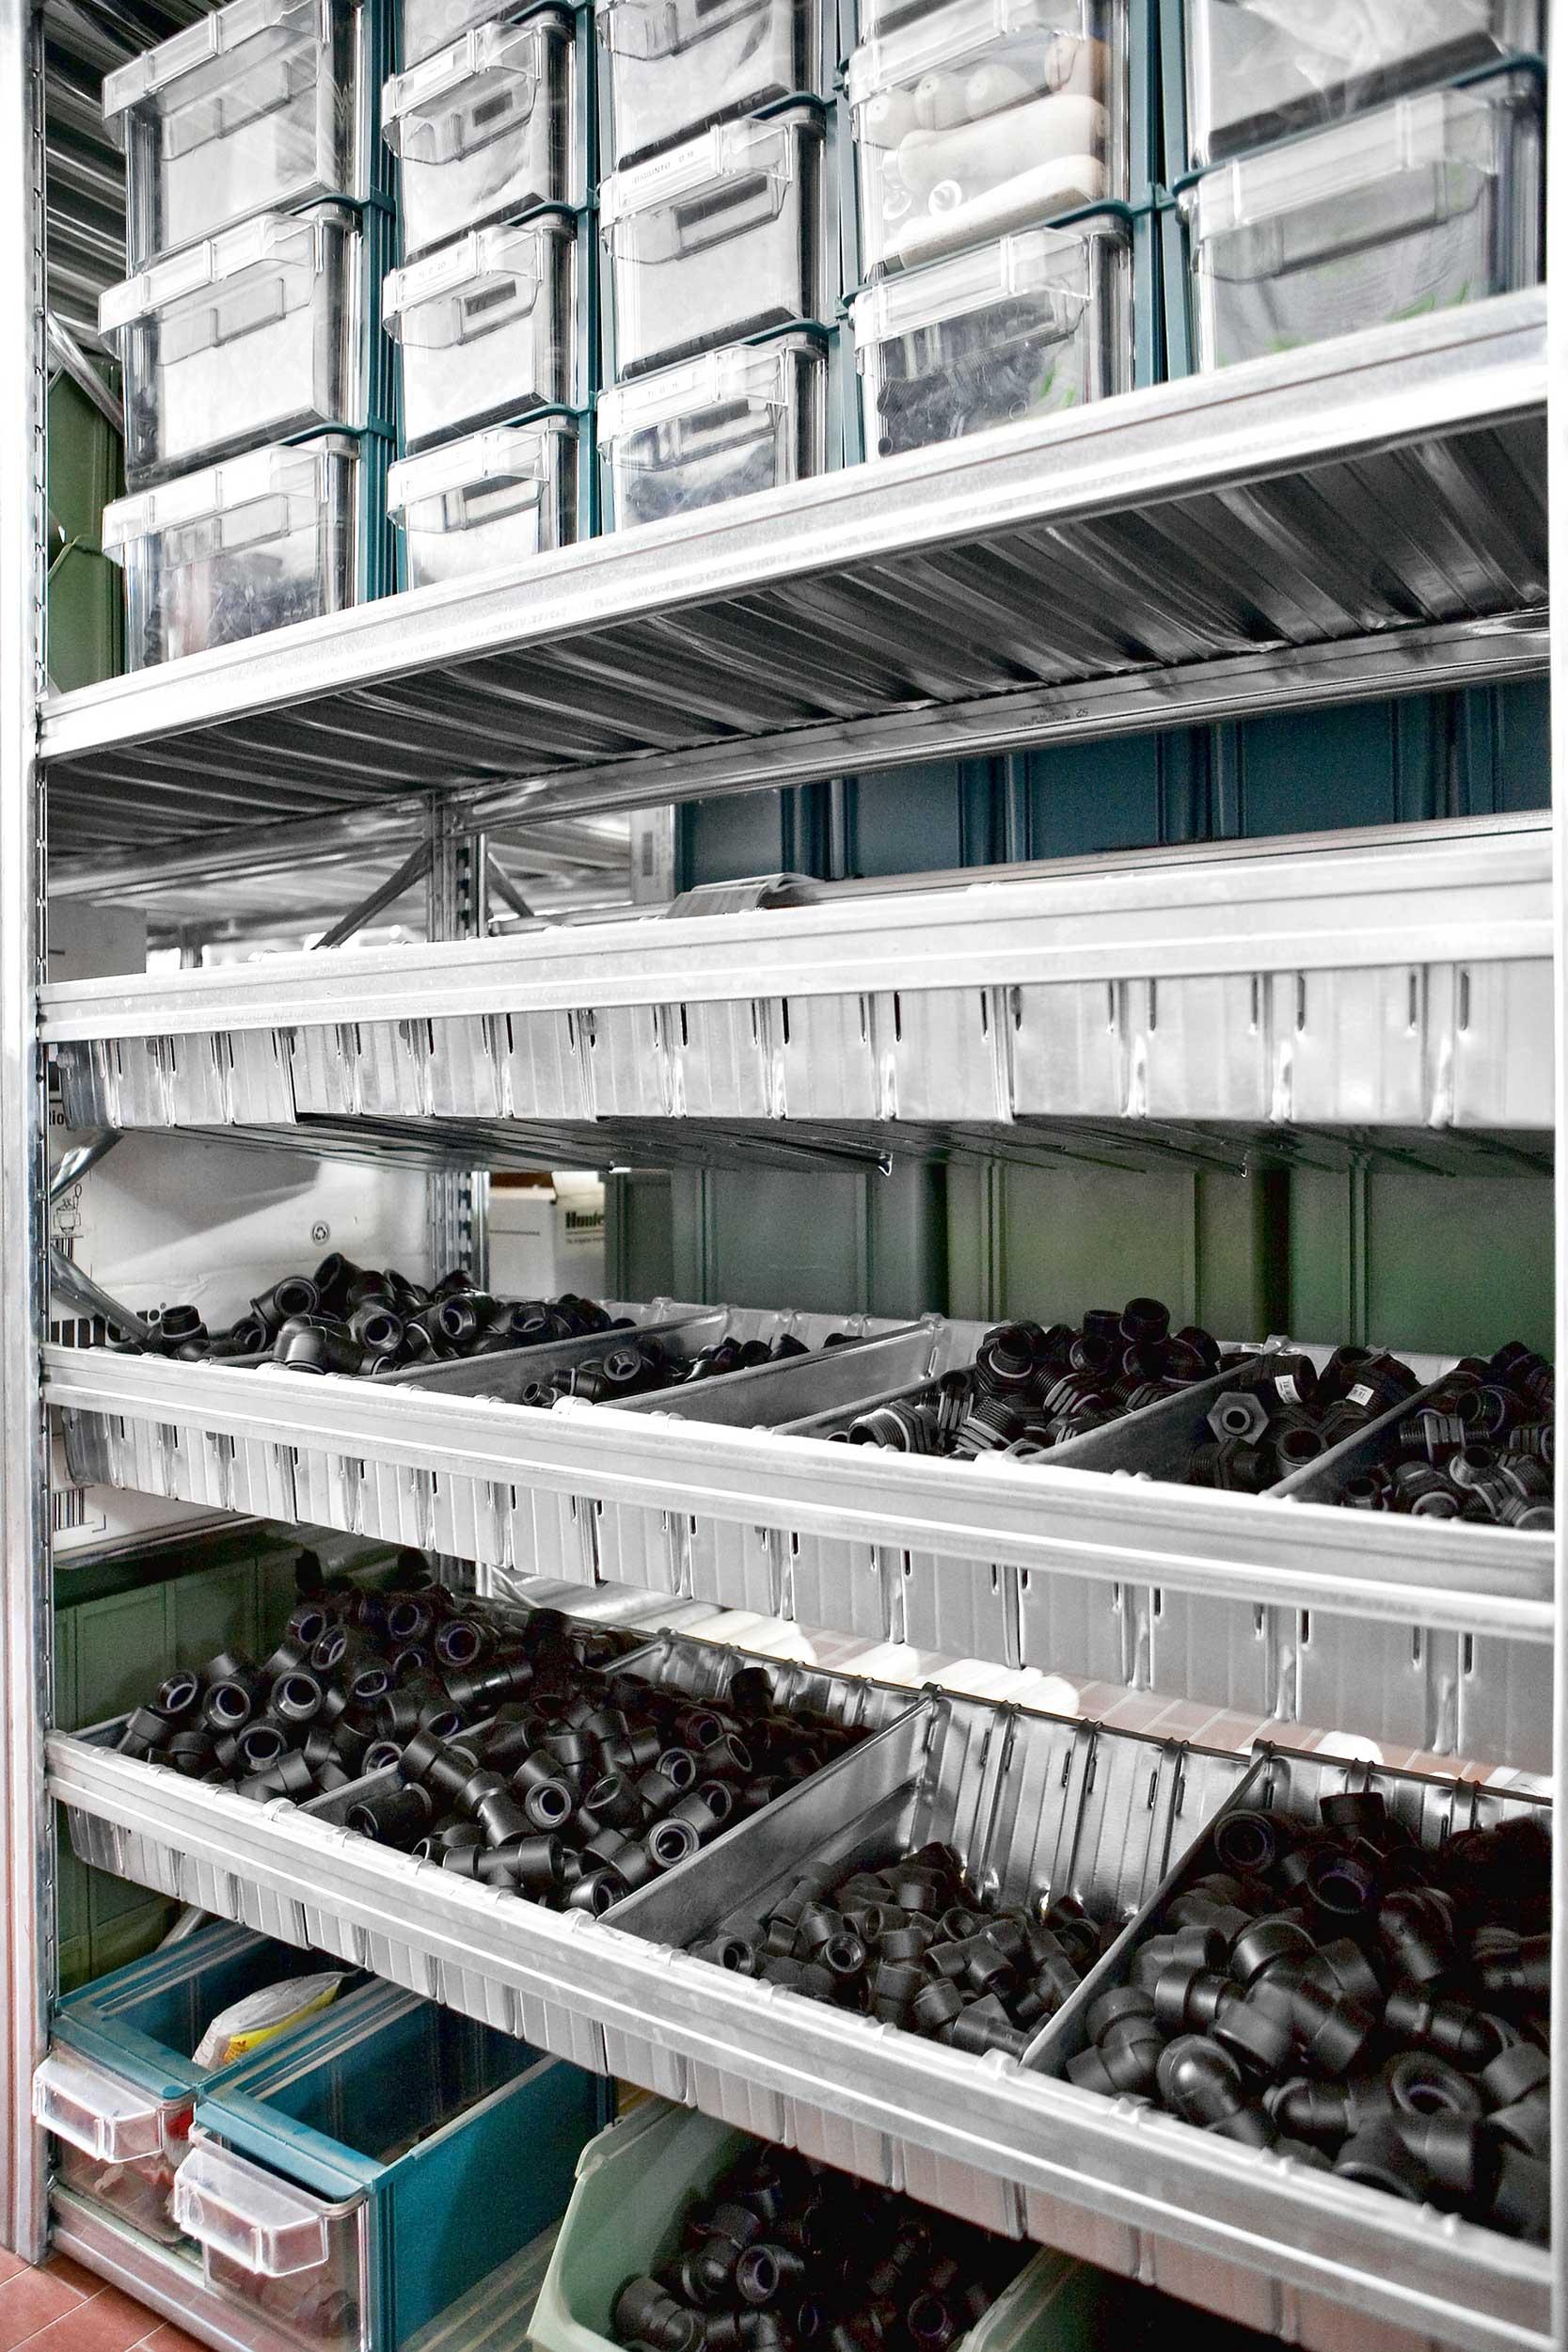 Le scaffalature in acciaio inox e zincate Samit risolvono in modo definitivo qualsiasi problema legato all'igiene e all'inalterabilità dei prodotti